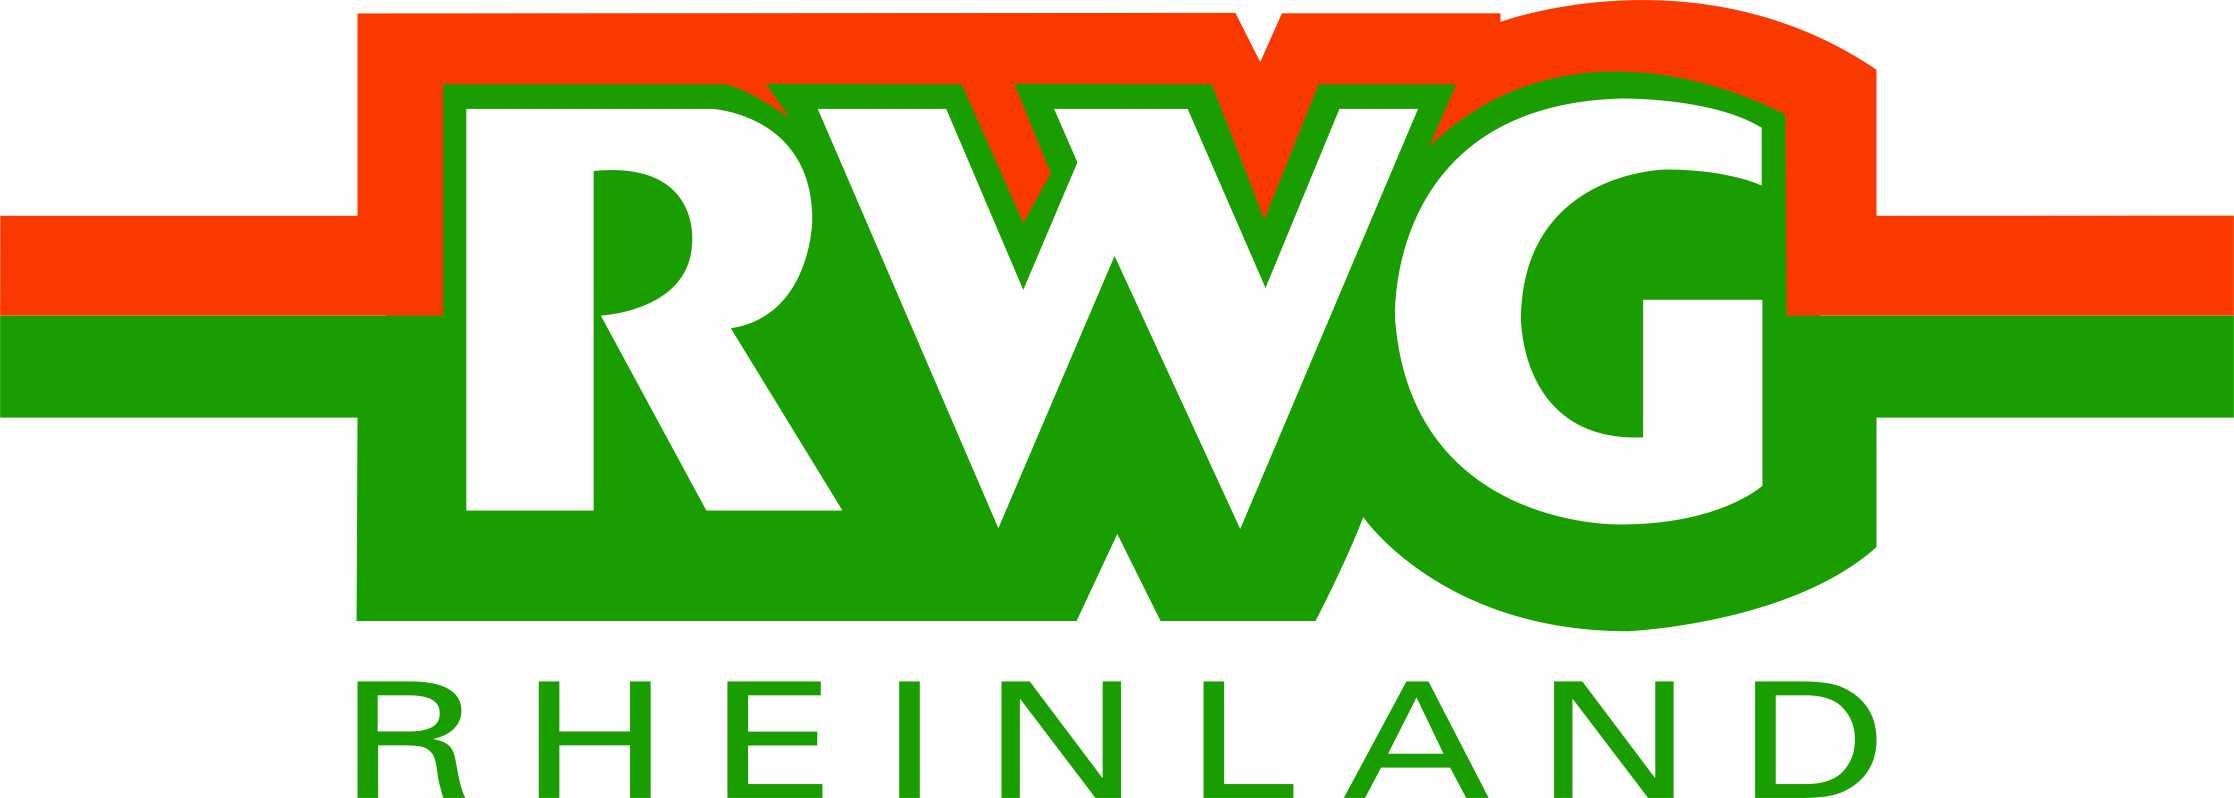 REG_Logo_sehr_klein_gruen.jpg